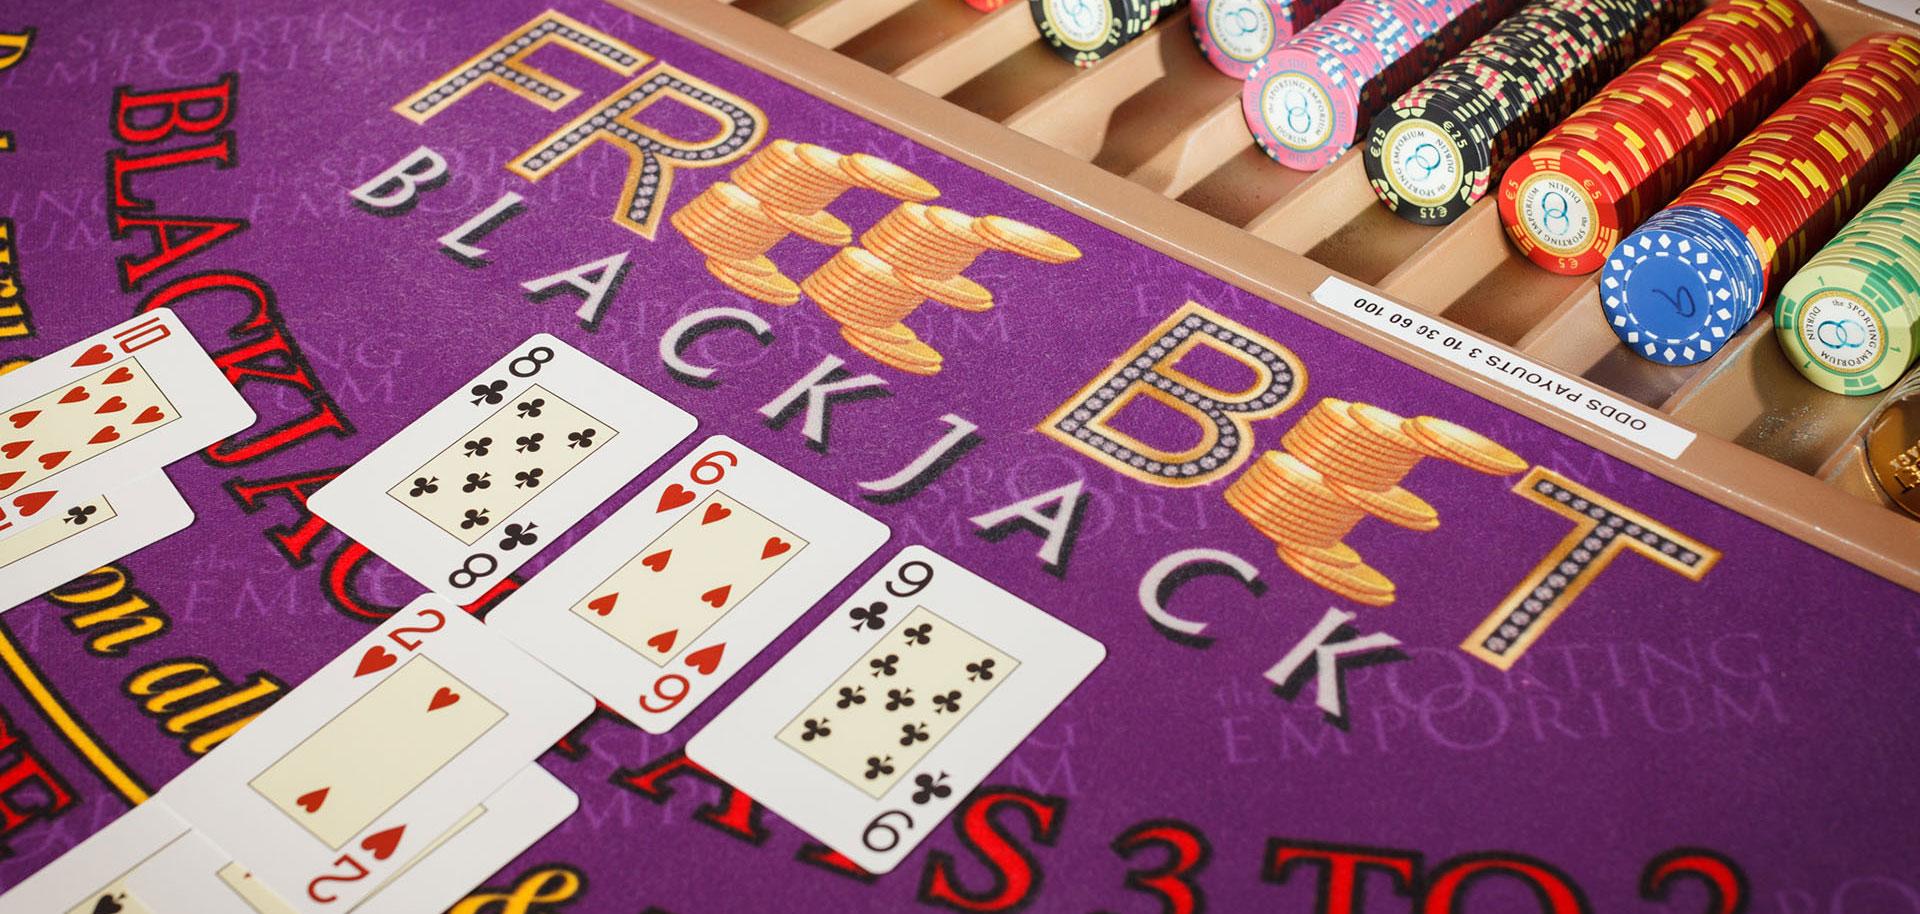 Free bet blackjack online game casino mit paypal zahlen